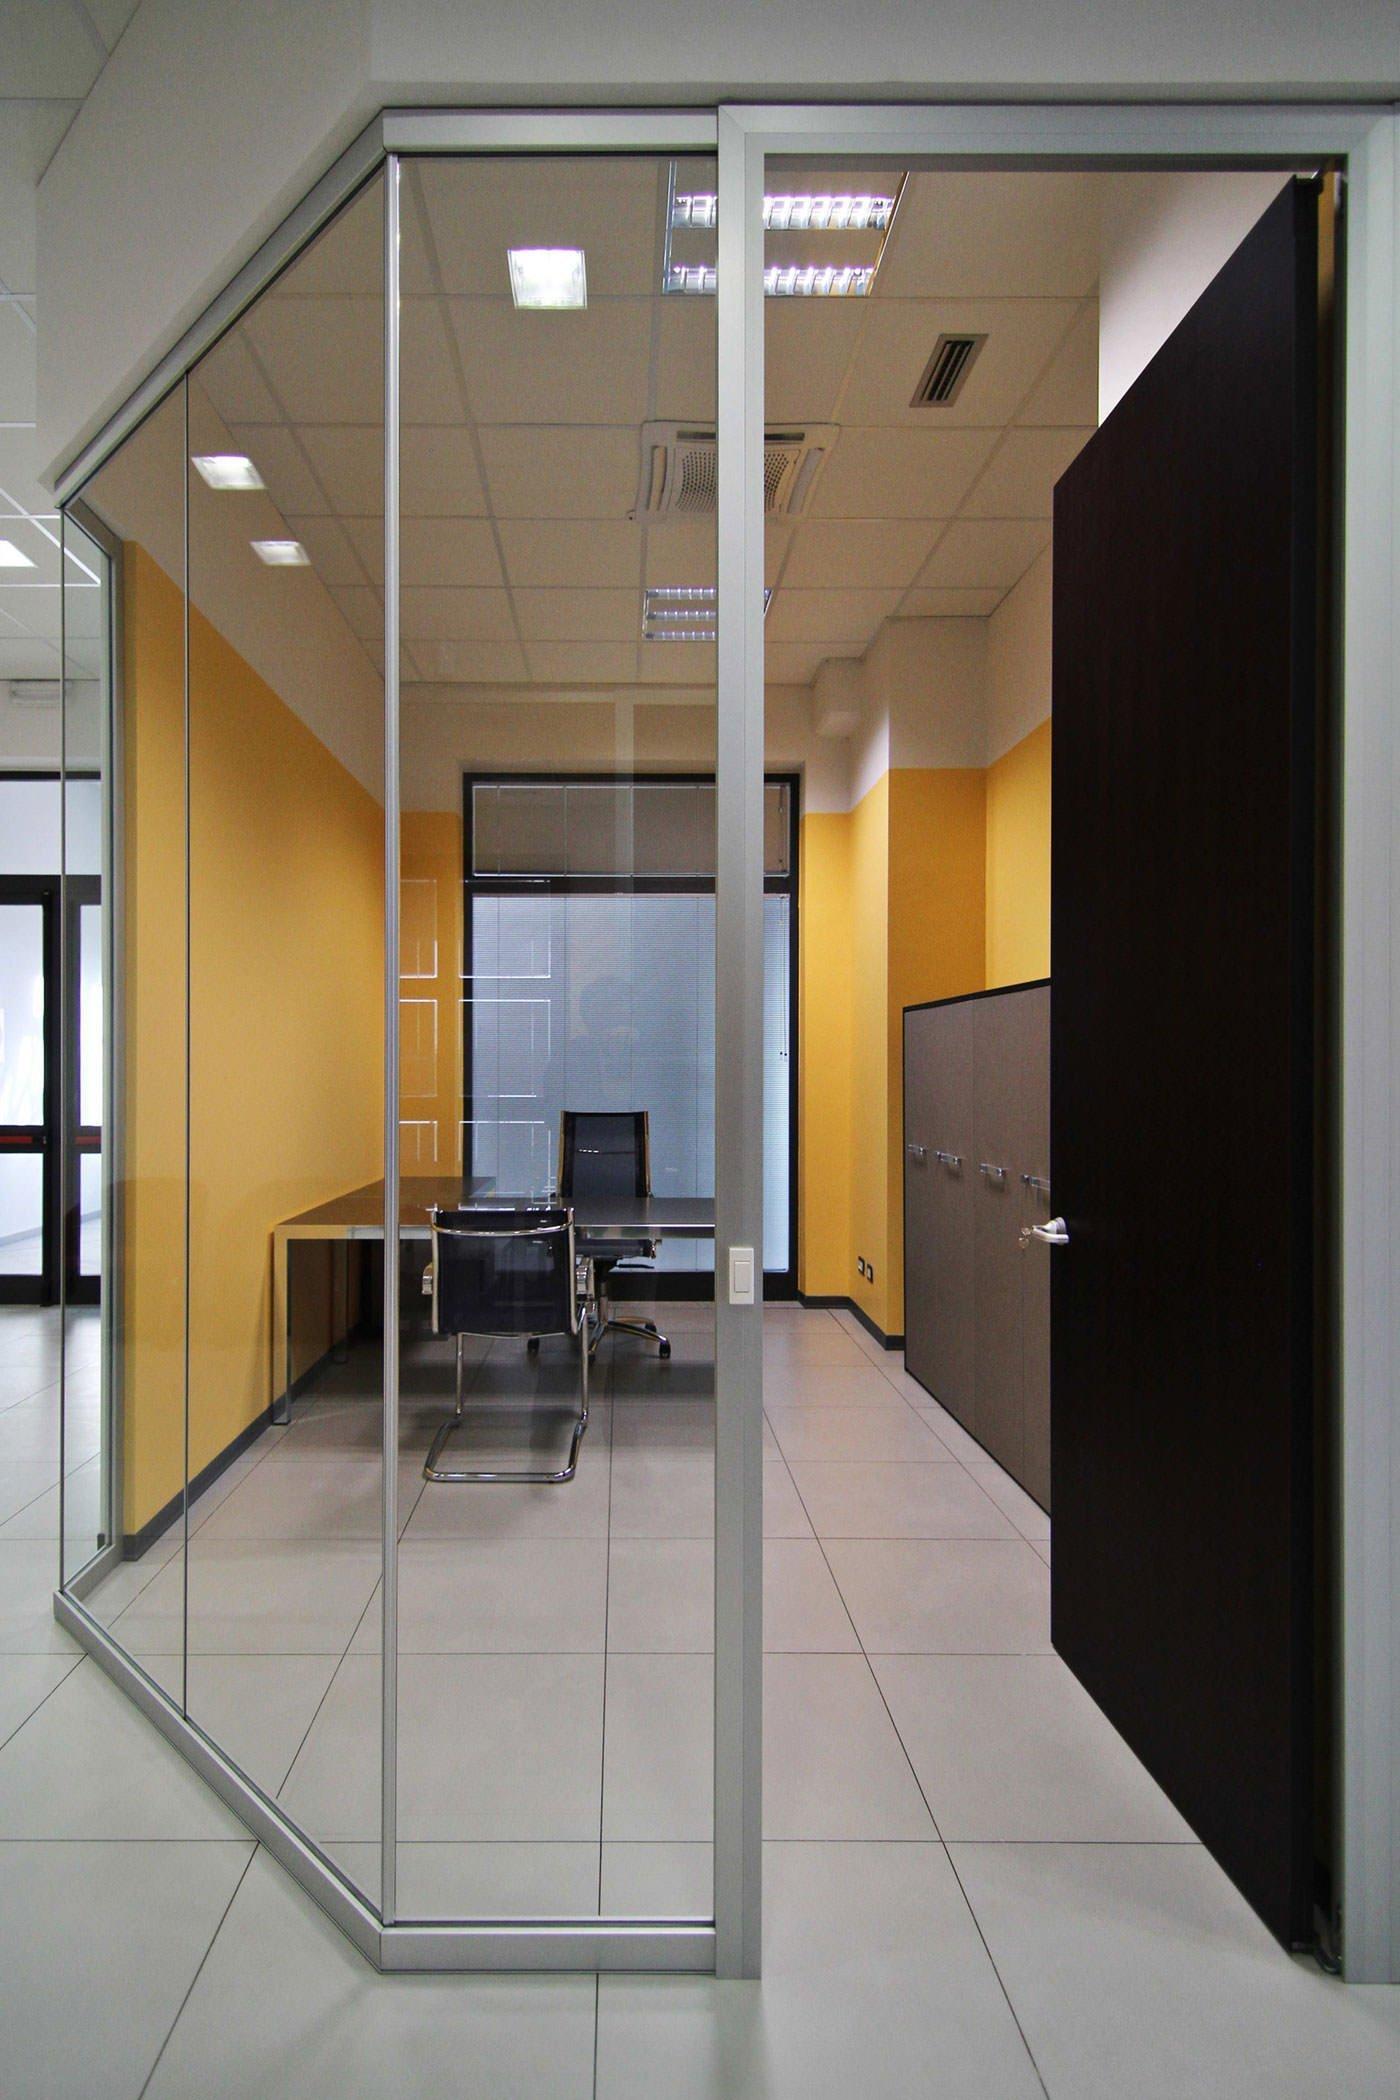 Zf italia srl office furniture ivm office for Office design italia srl